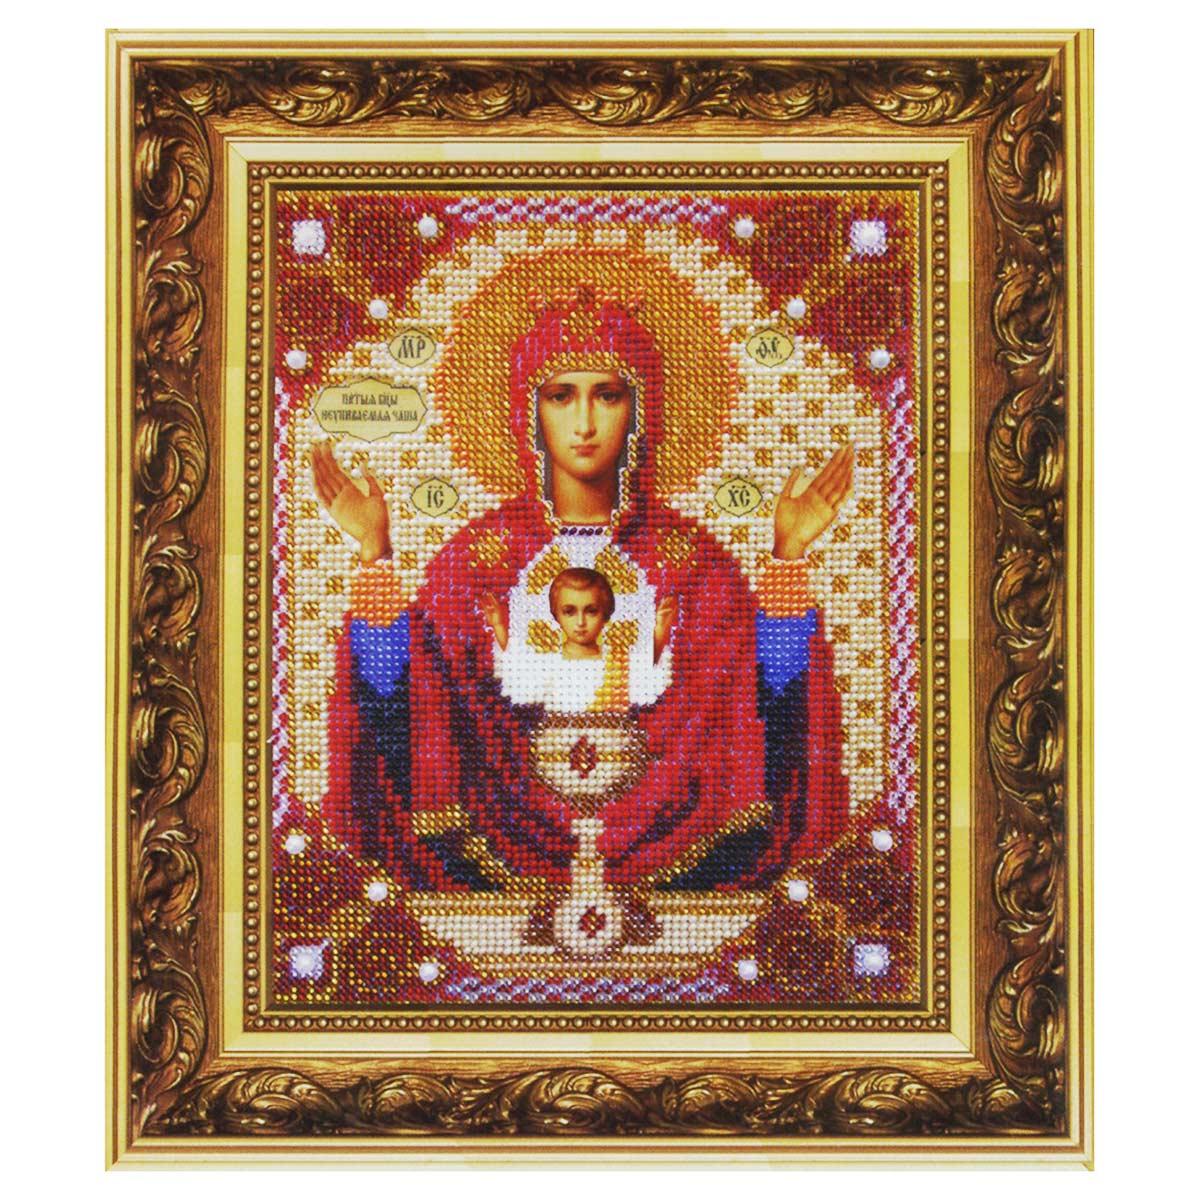 Б-1009 Набор для вышивания бисером 'Чарівна Мить' 'Икона Божьей Матери Неупиваемая чаша', 15,8*19,3 см